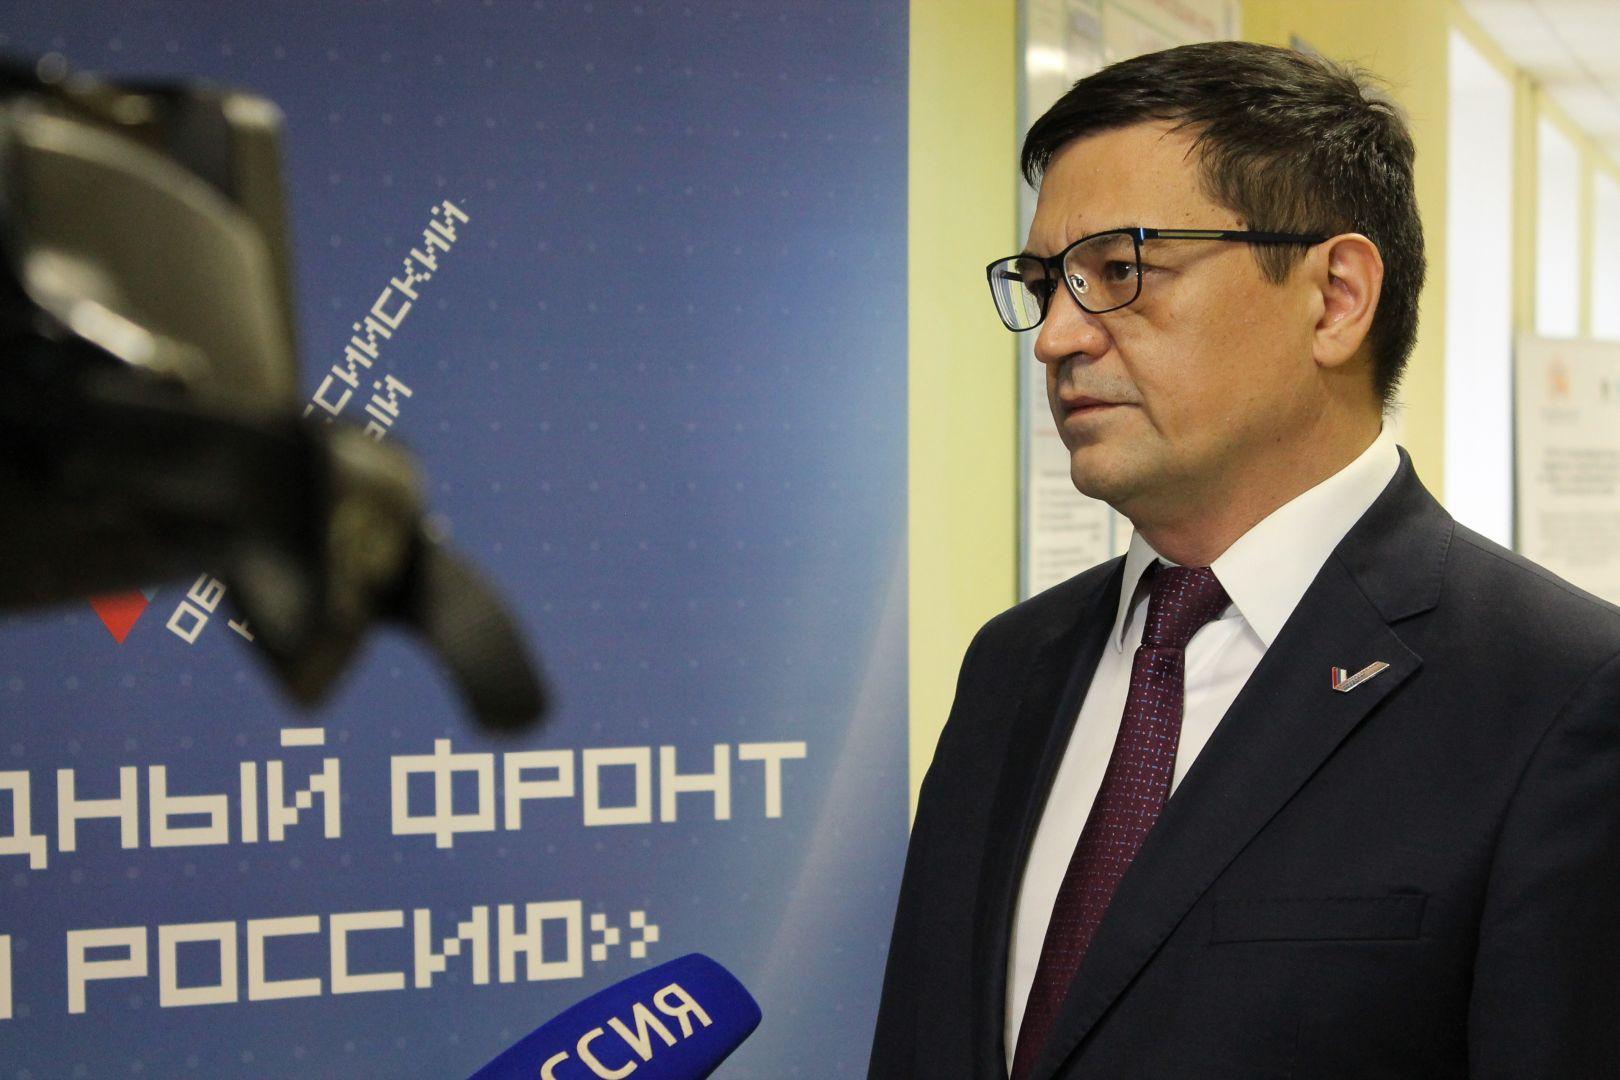 ОНФ: Единицы предпринимателей в Ставропольском крае пользуются господдержкой